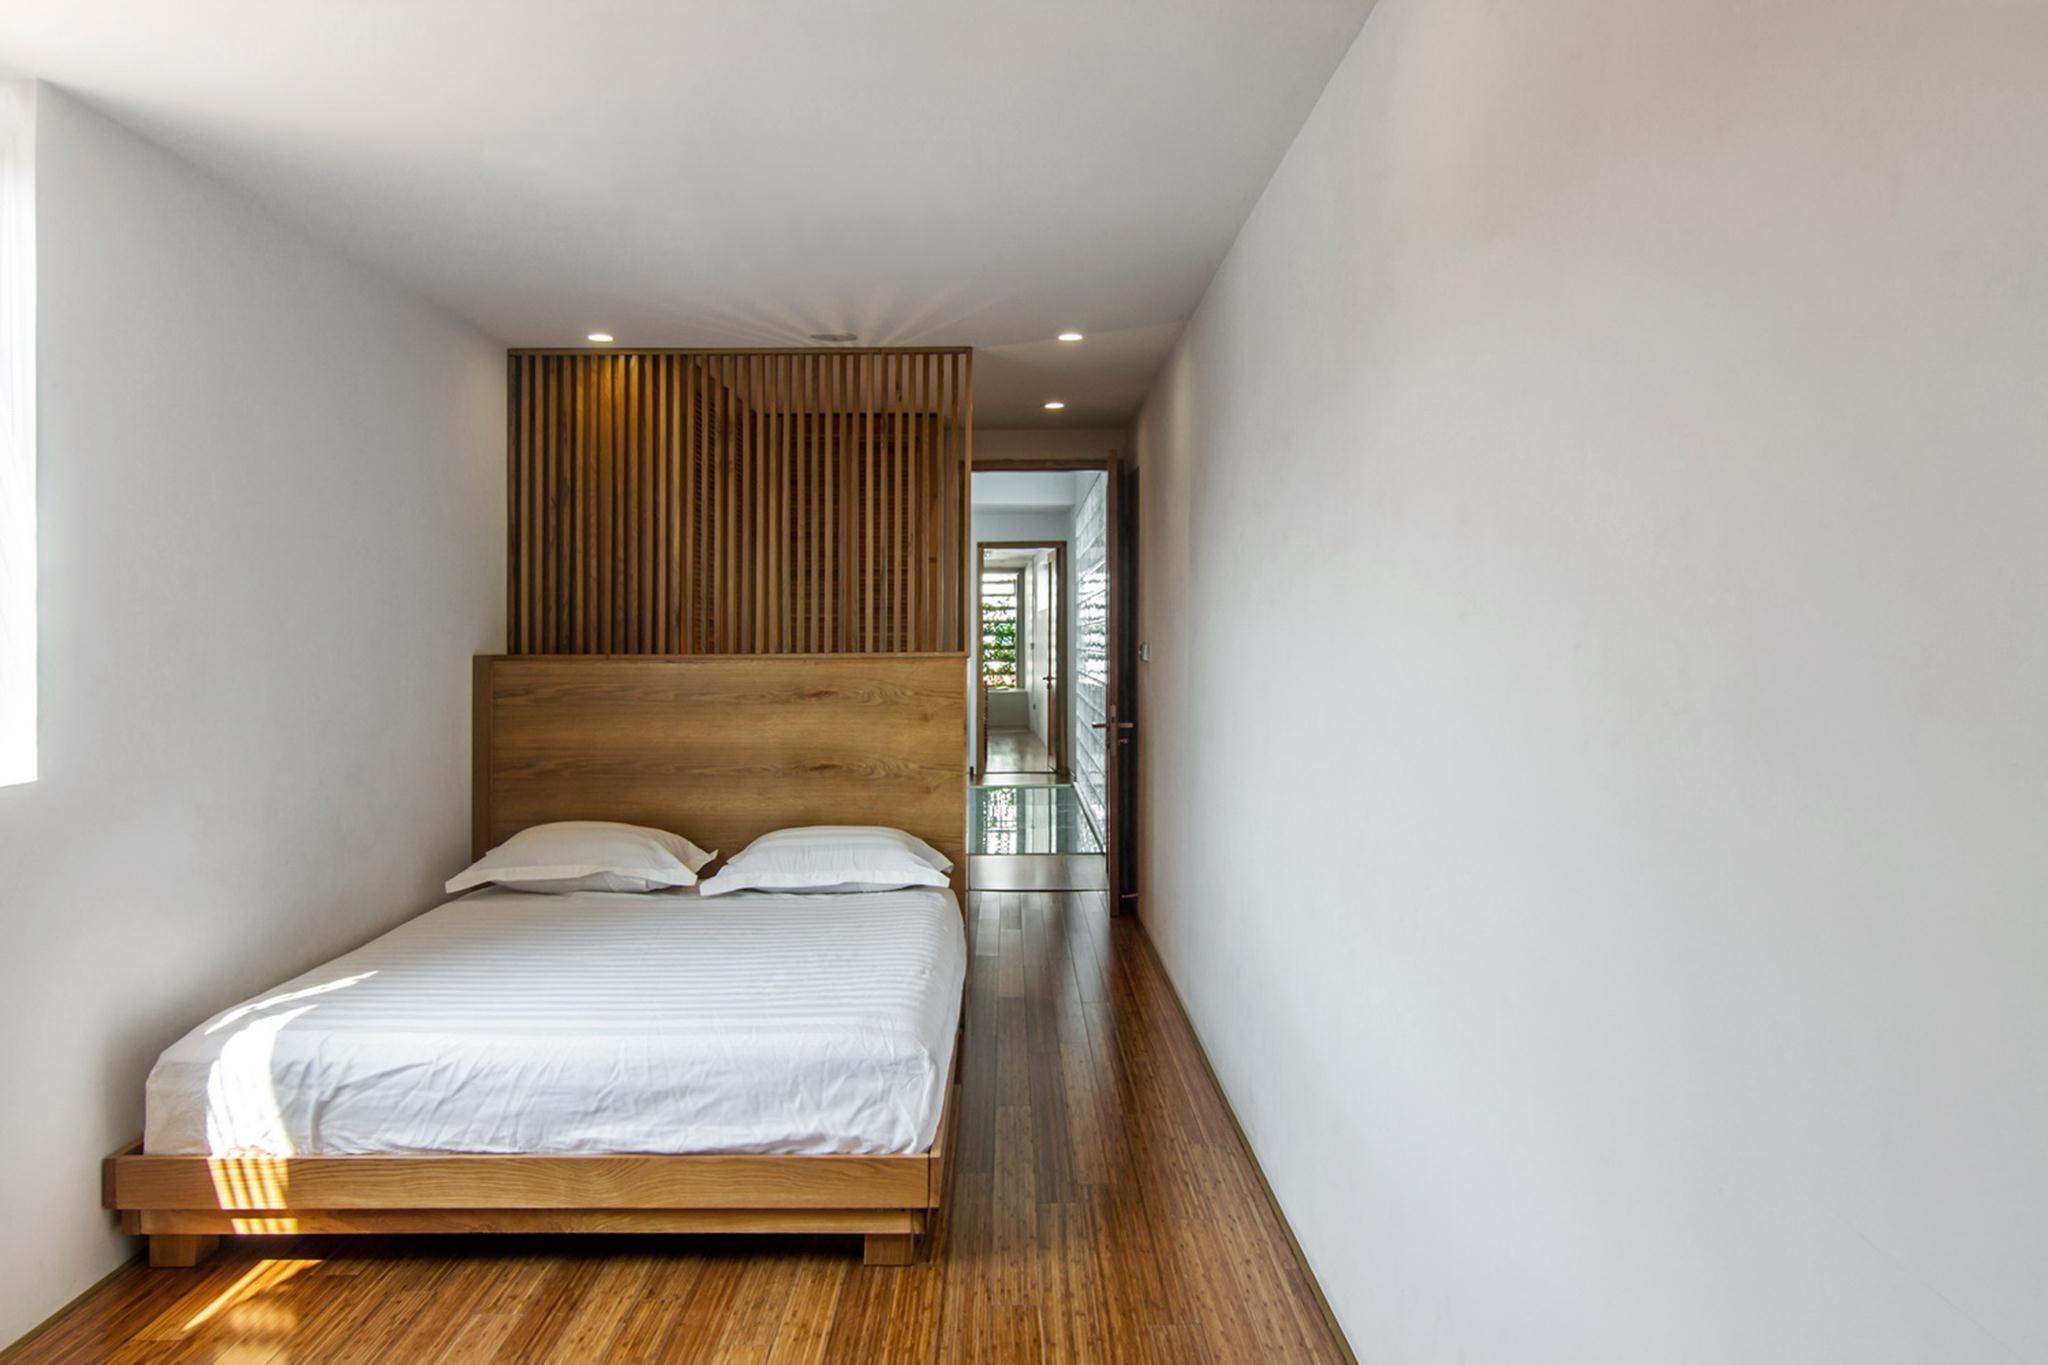 13_Bedroom2_Hoang Le (Copy)